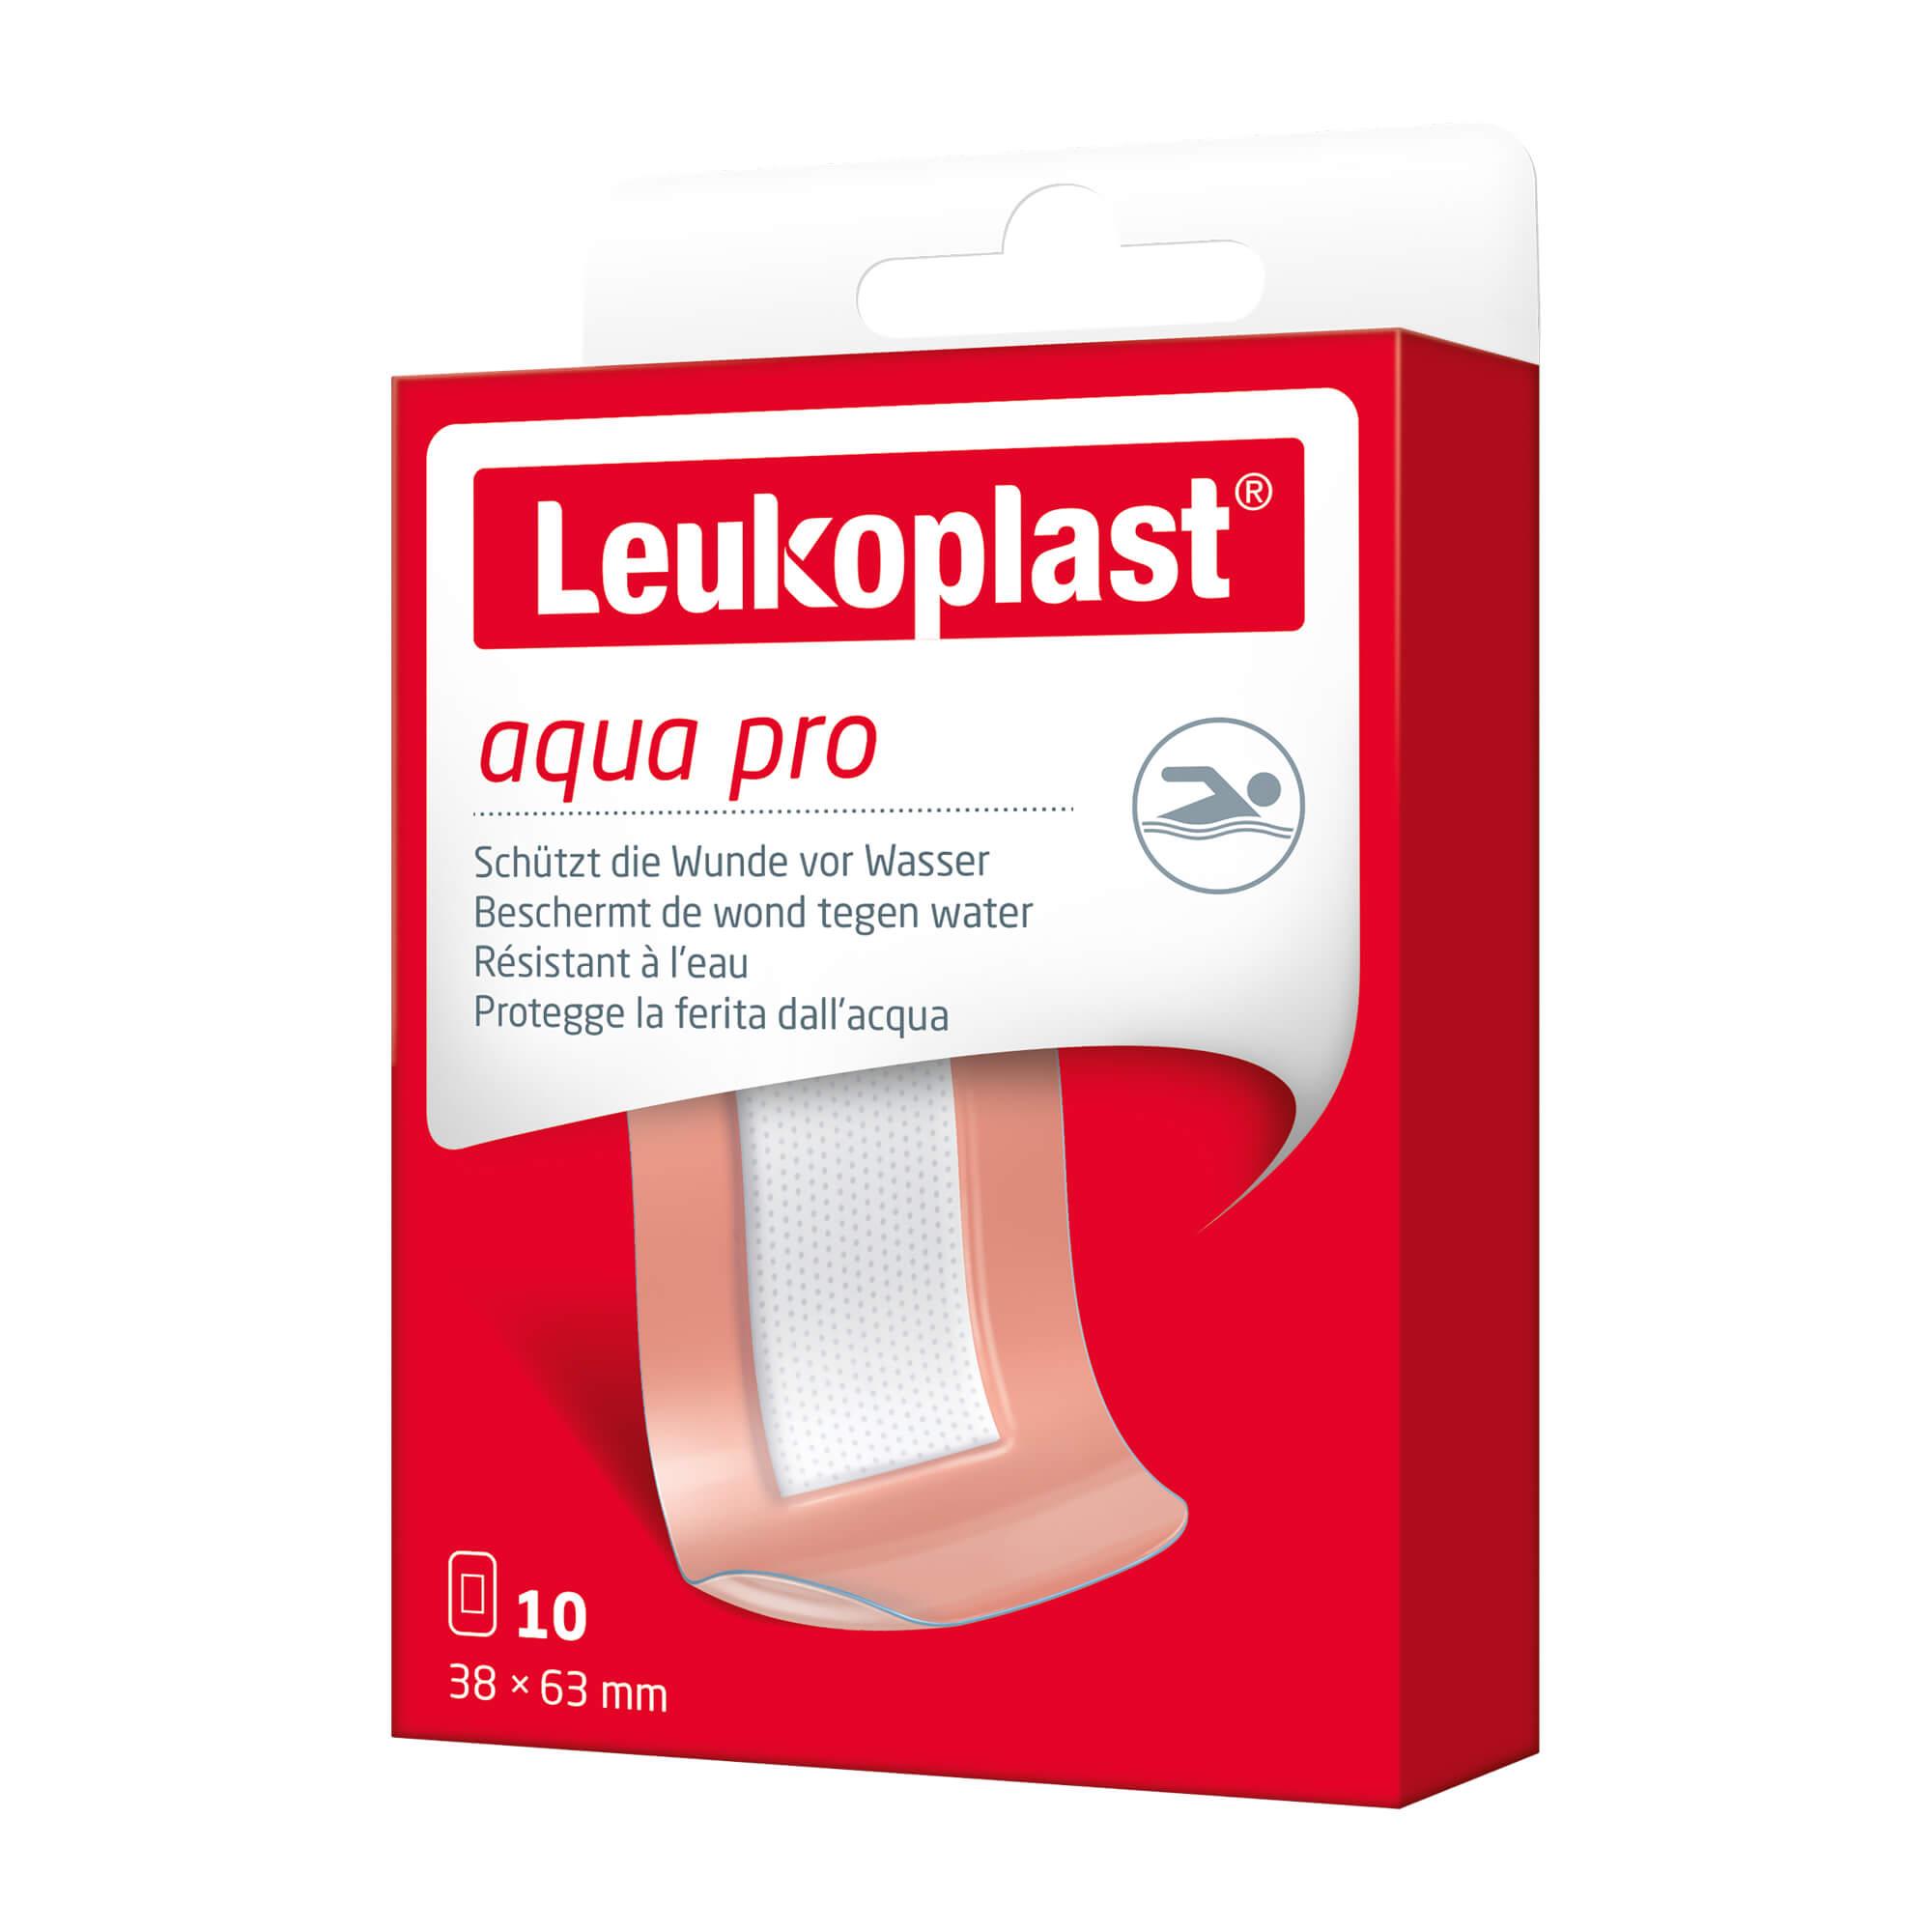 Leukoplast Aqua Pro 38 mm x 63 mm